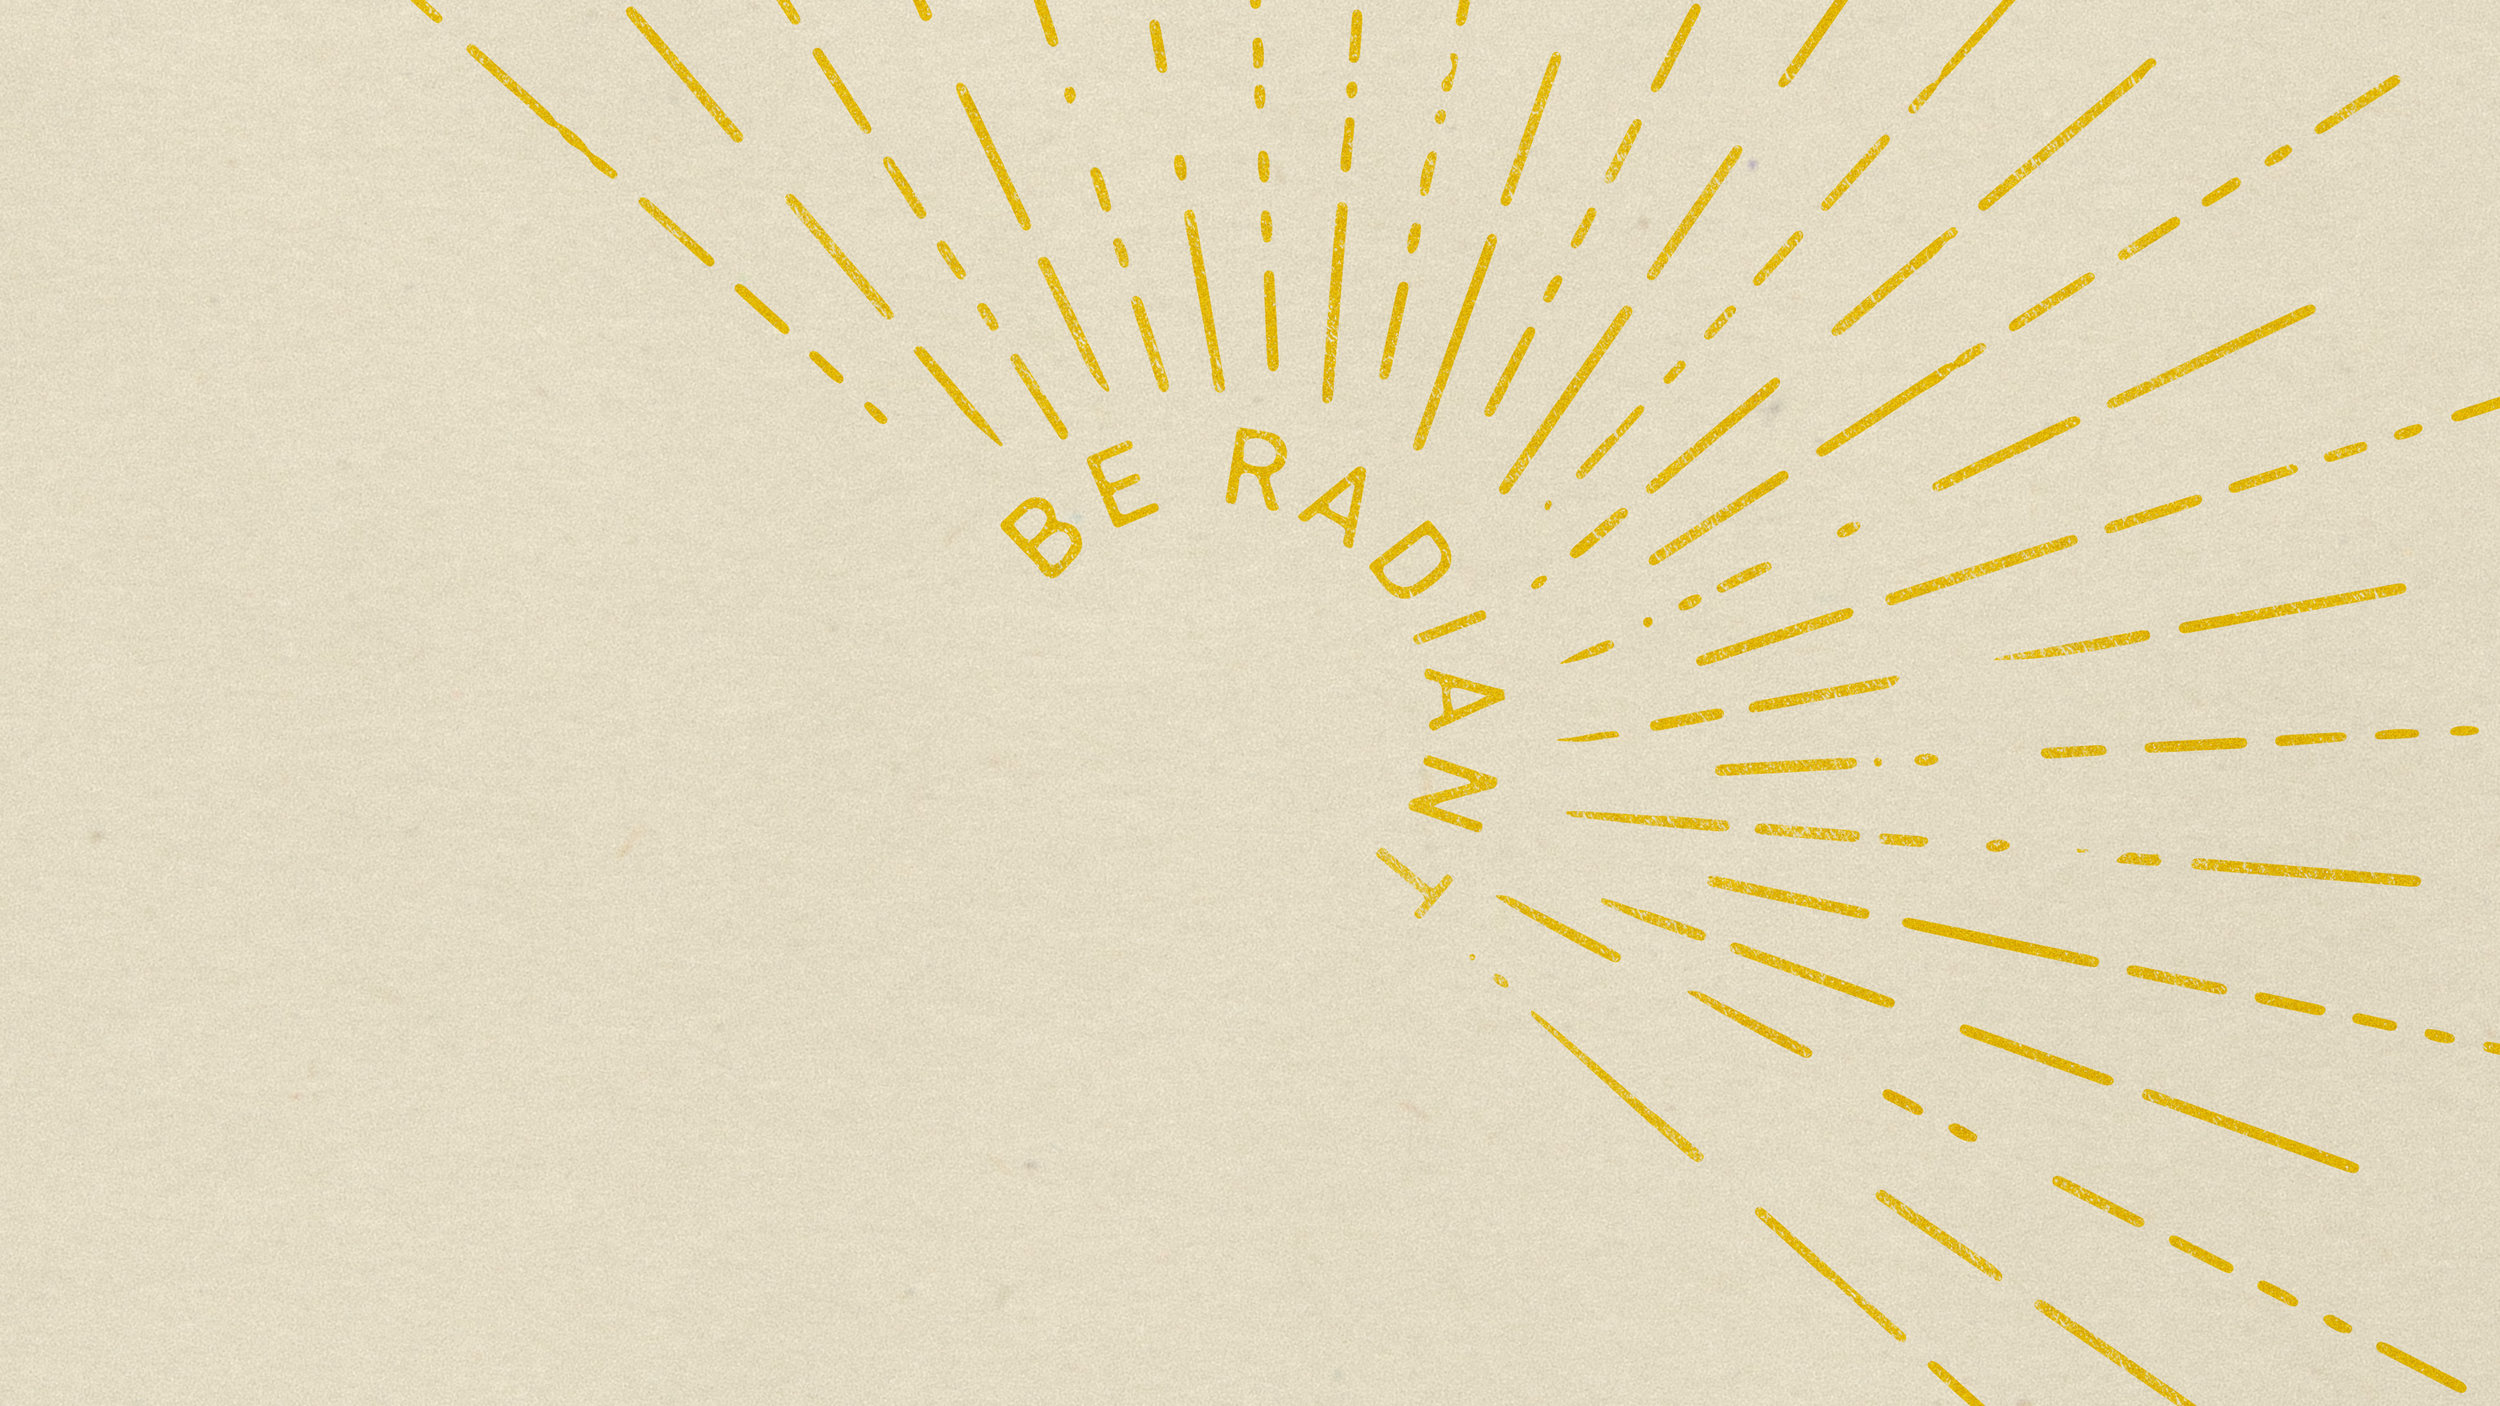 Be-Radiant (1).jpg